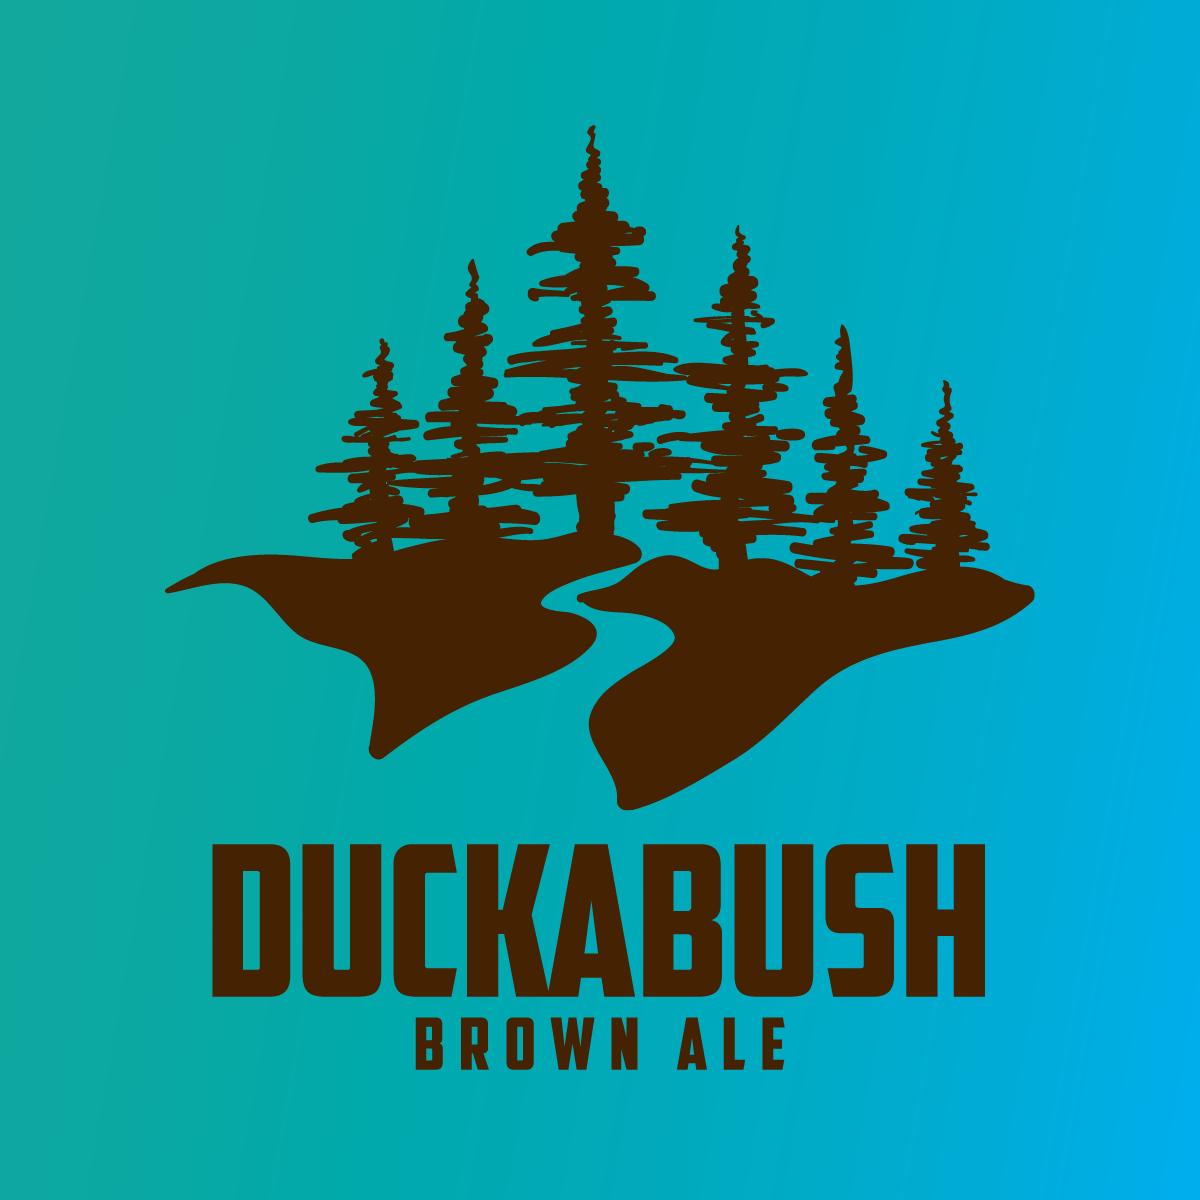 duckabush.png